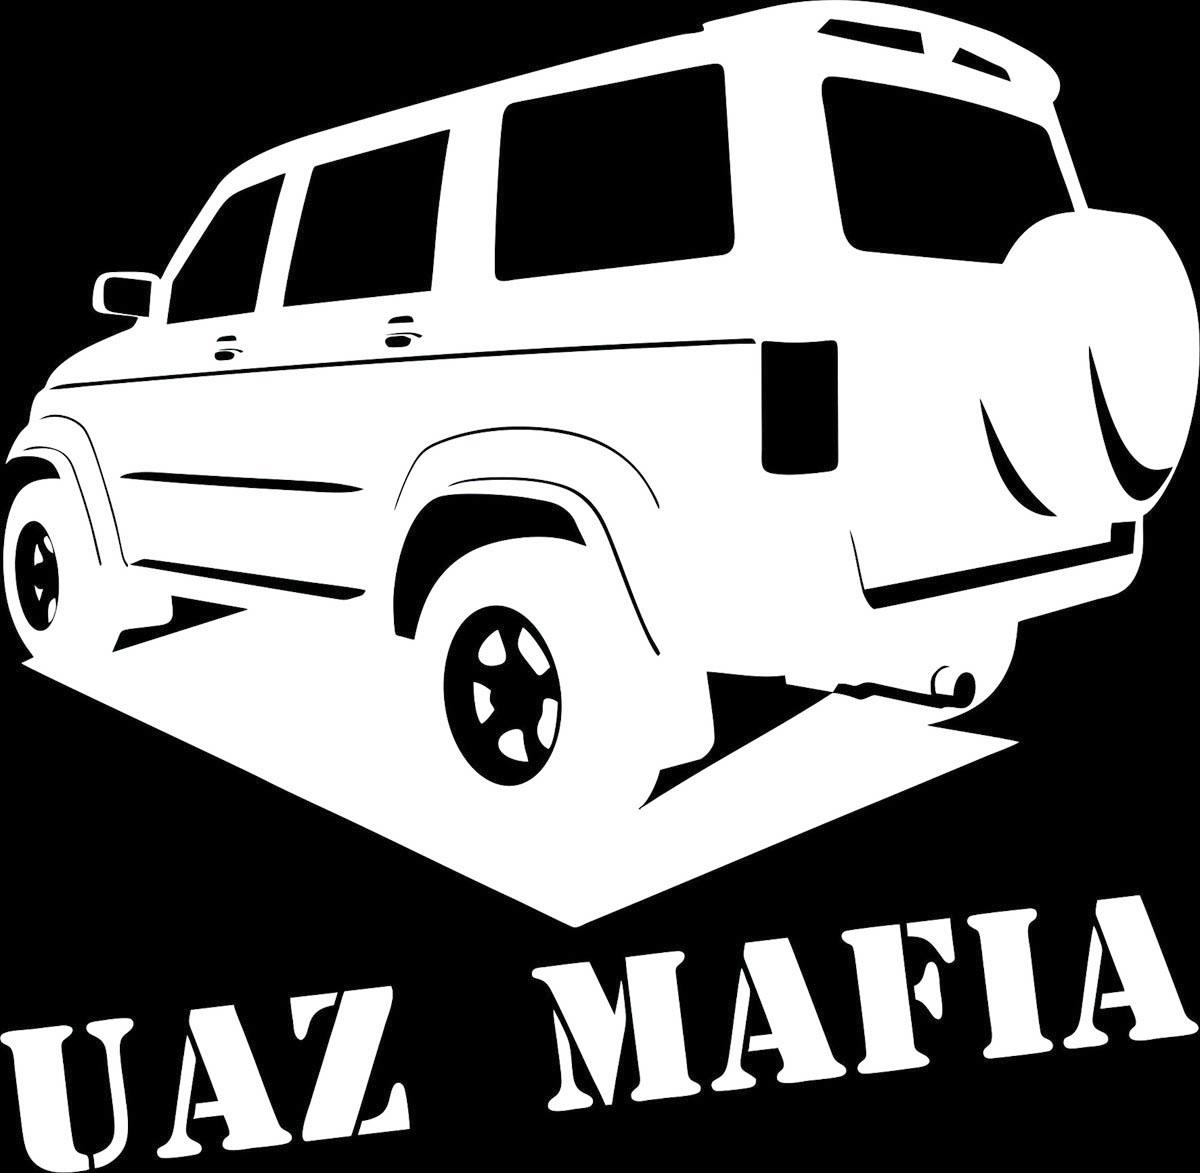 Наклейка автомобильная Оранжевый слоник UAZ Mafia, виниловая, цвет: белый1504400015WОригинальная наклейка Оранжевый слоник UAZ Mafia изготовлена из высококачественной виниловой пленки, которая выполняет не только декоративную функцию, но и защищает кузов автомобиля от небольших механических повреждений, либо скрывает уже существующие.Виниловые наклейки на автомобиль - это не только красиво, но еще и быстро! Всего за несколько минут вы можете полностью преобразить свой автомобиль, сделать его ярким, необычным, особенным и неповторимым!